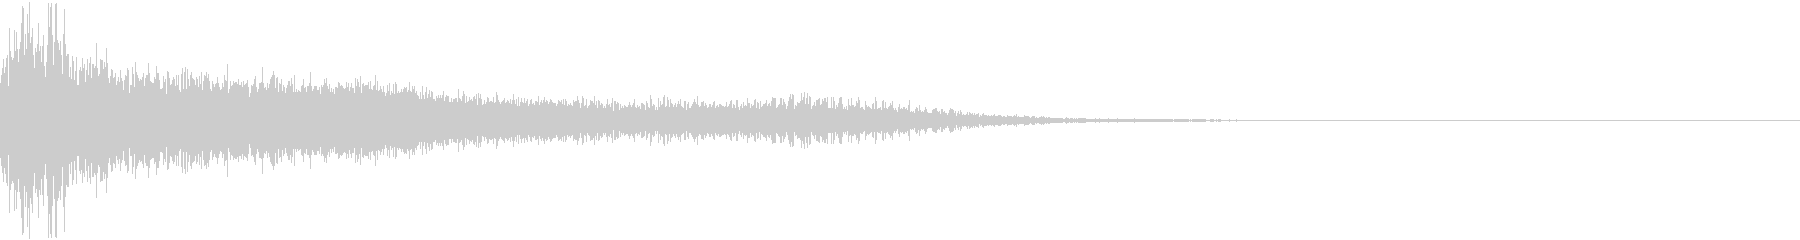 ドシューーン(魔法攻撃)の未再生の波形